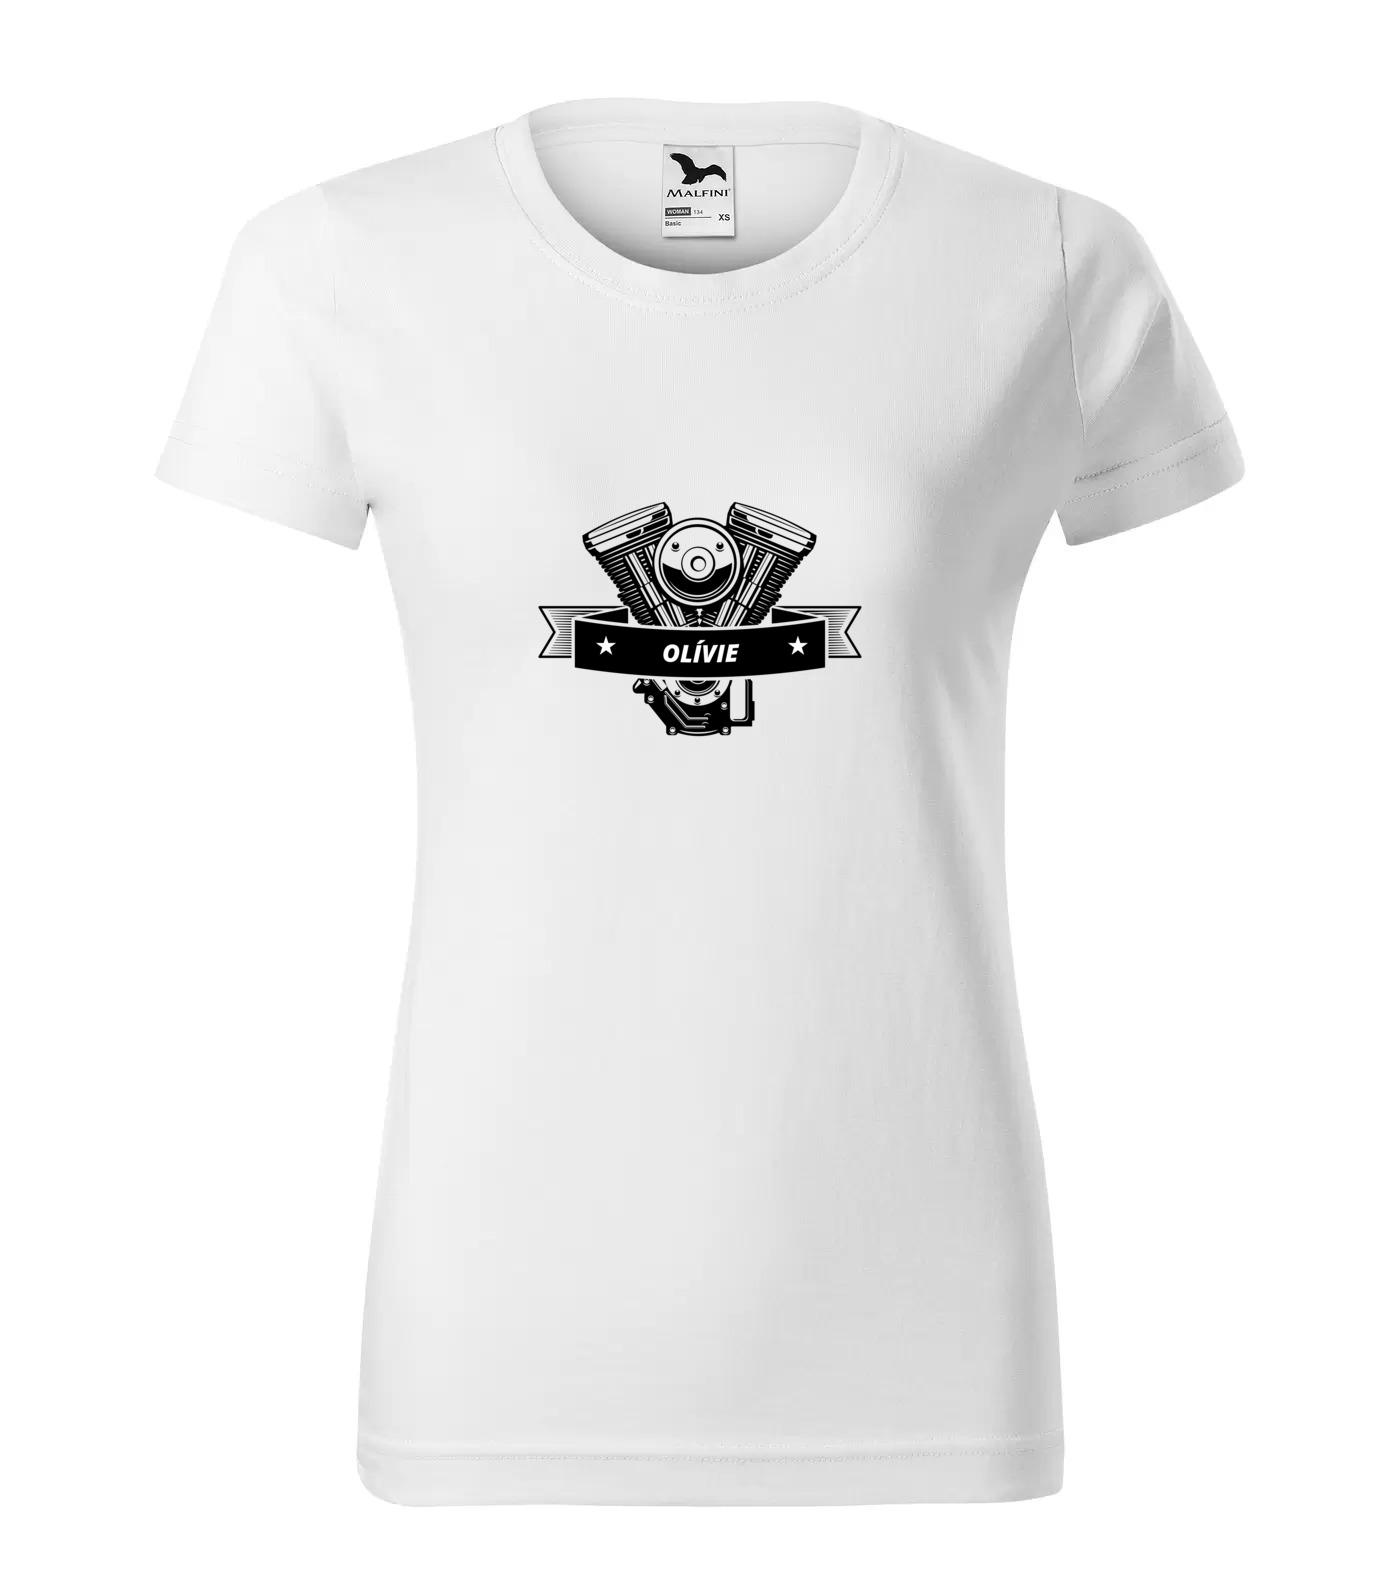 Tričko Motorkářka Olívie